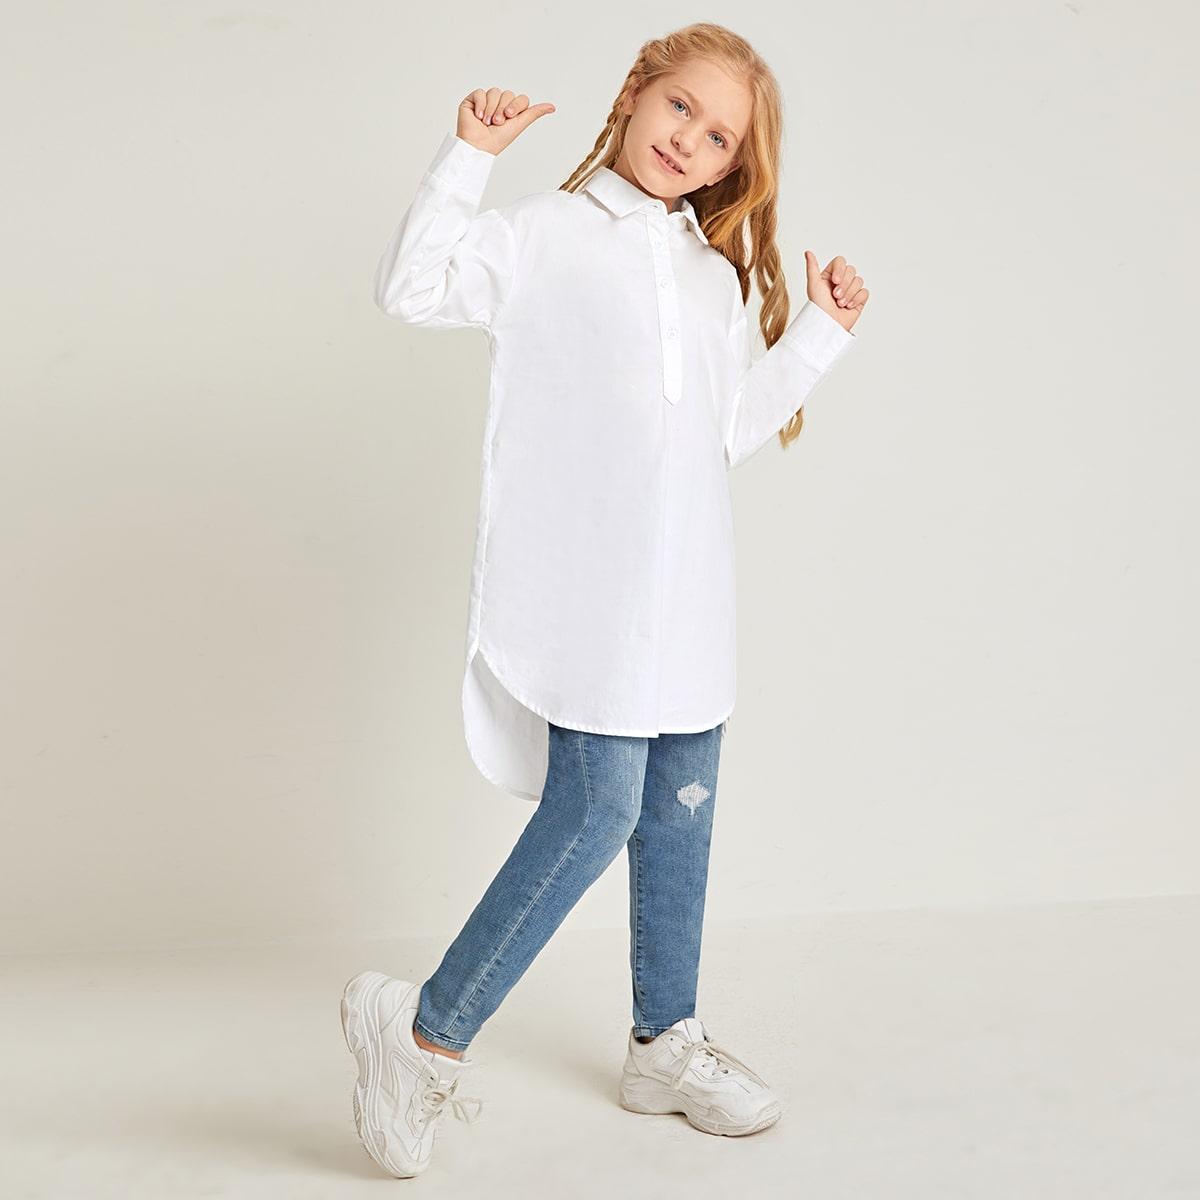 SHEIN / Bluse mit Kragen, Knöpfen vorn und abfallendem Saum